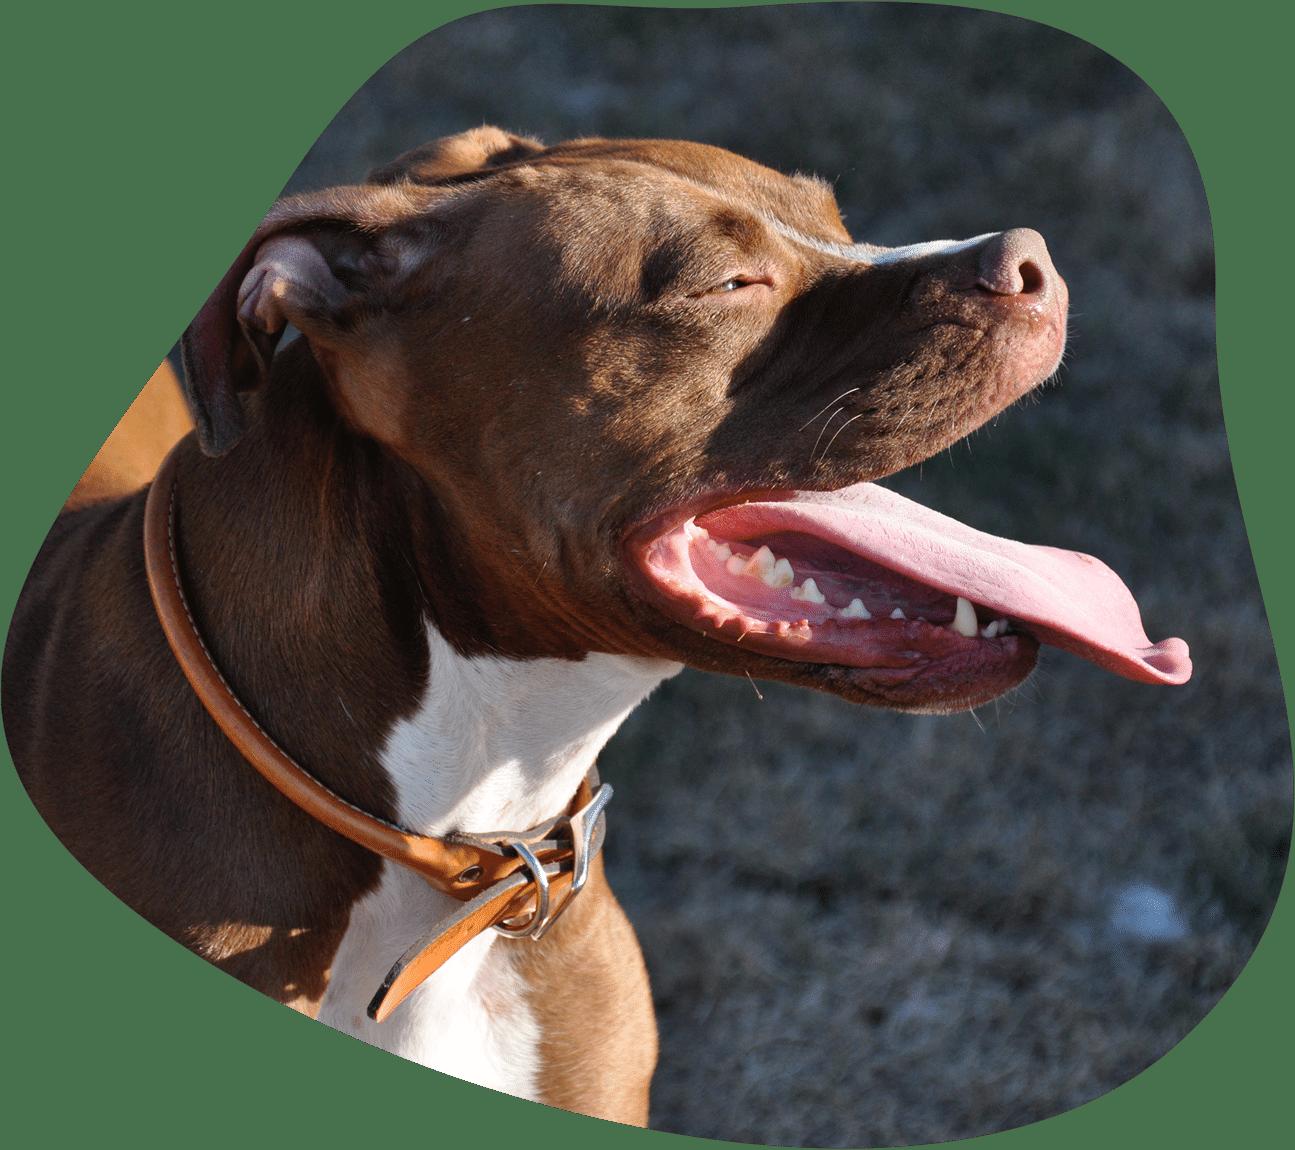 Bild eines American Staffordshire Terriers, der in die Sonne schaut.